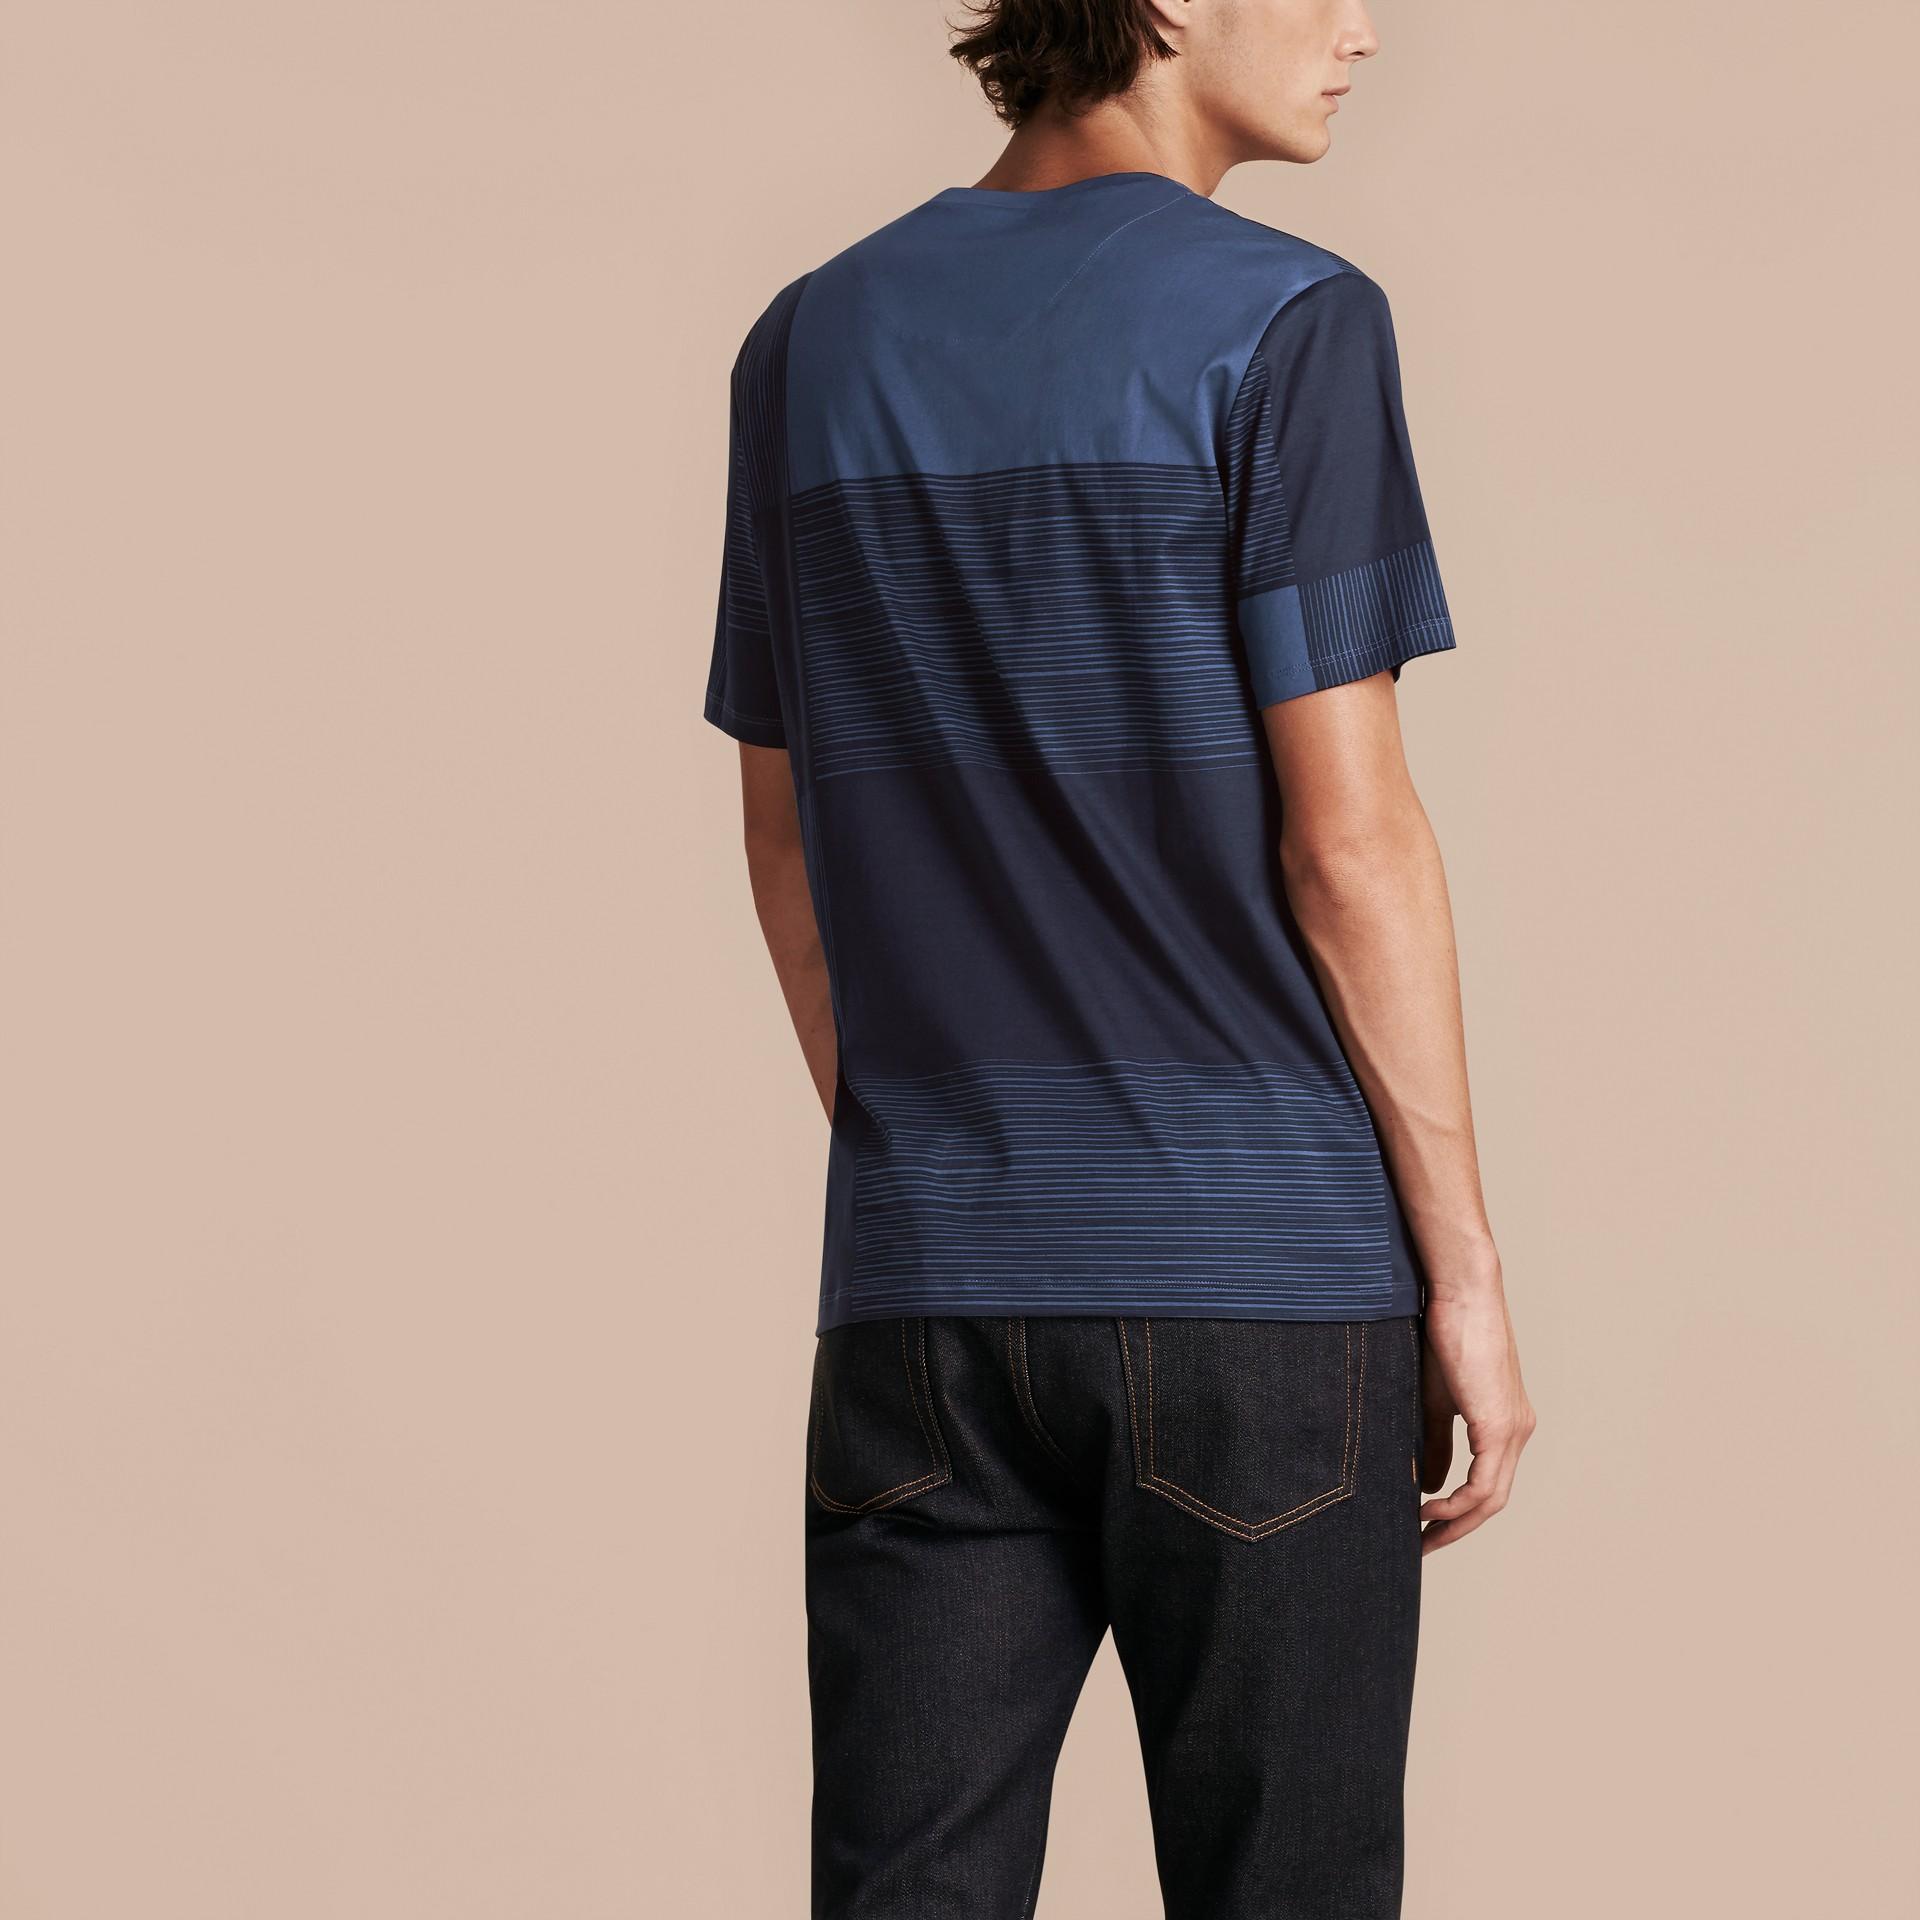 Navy T-shirt in cotone con motivo check stampato Navy - immagine della galleria 3